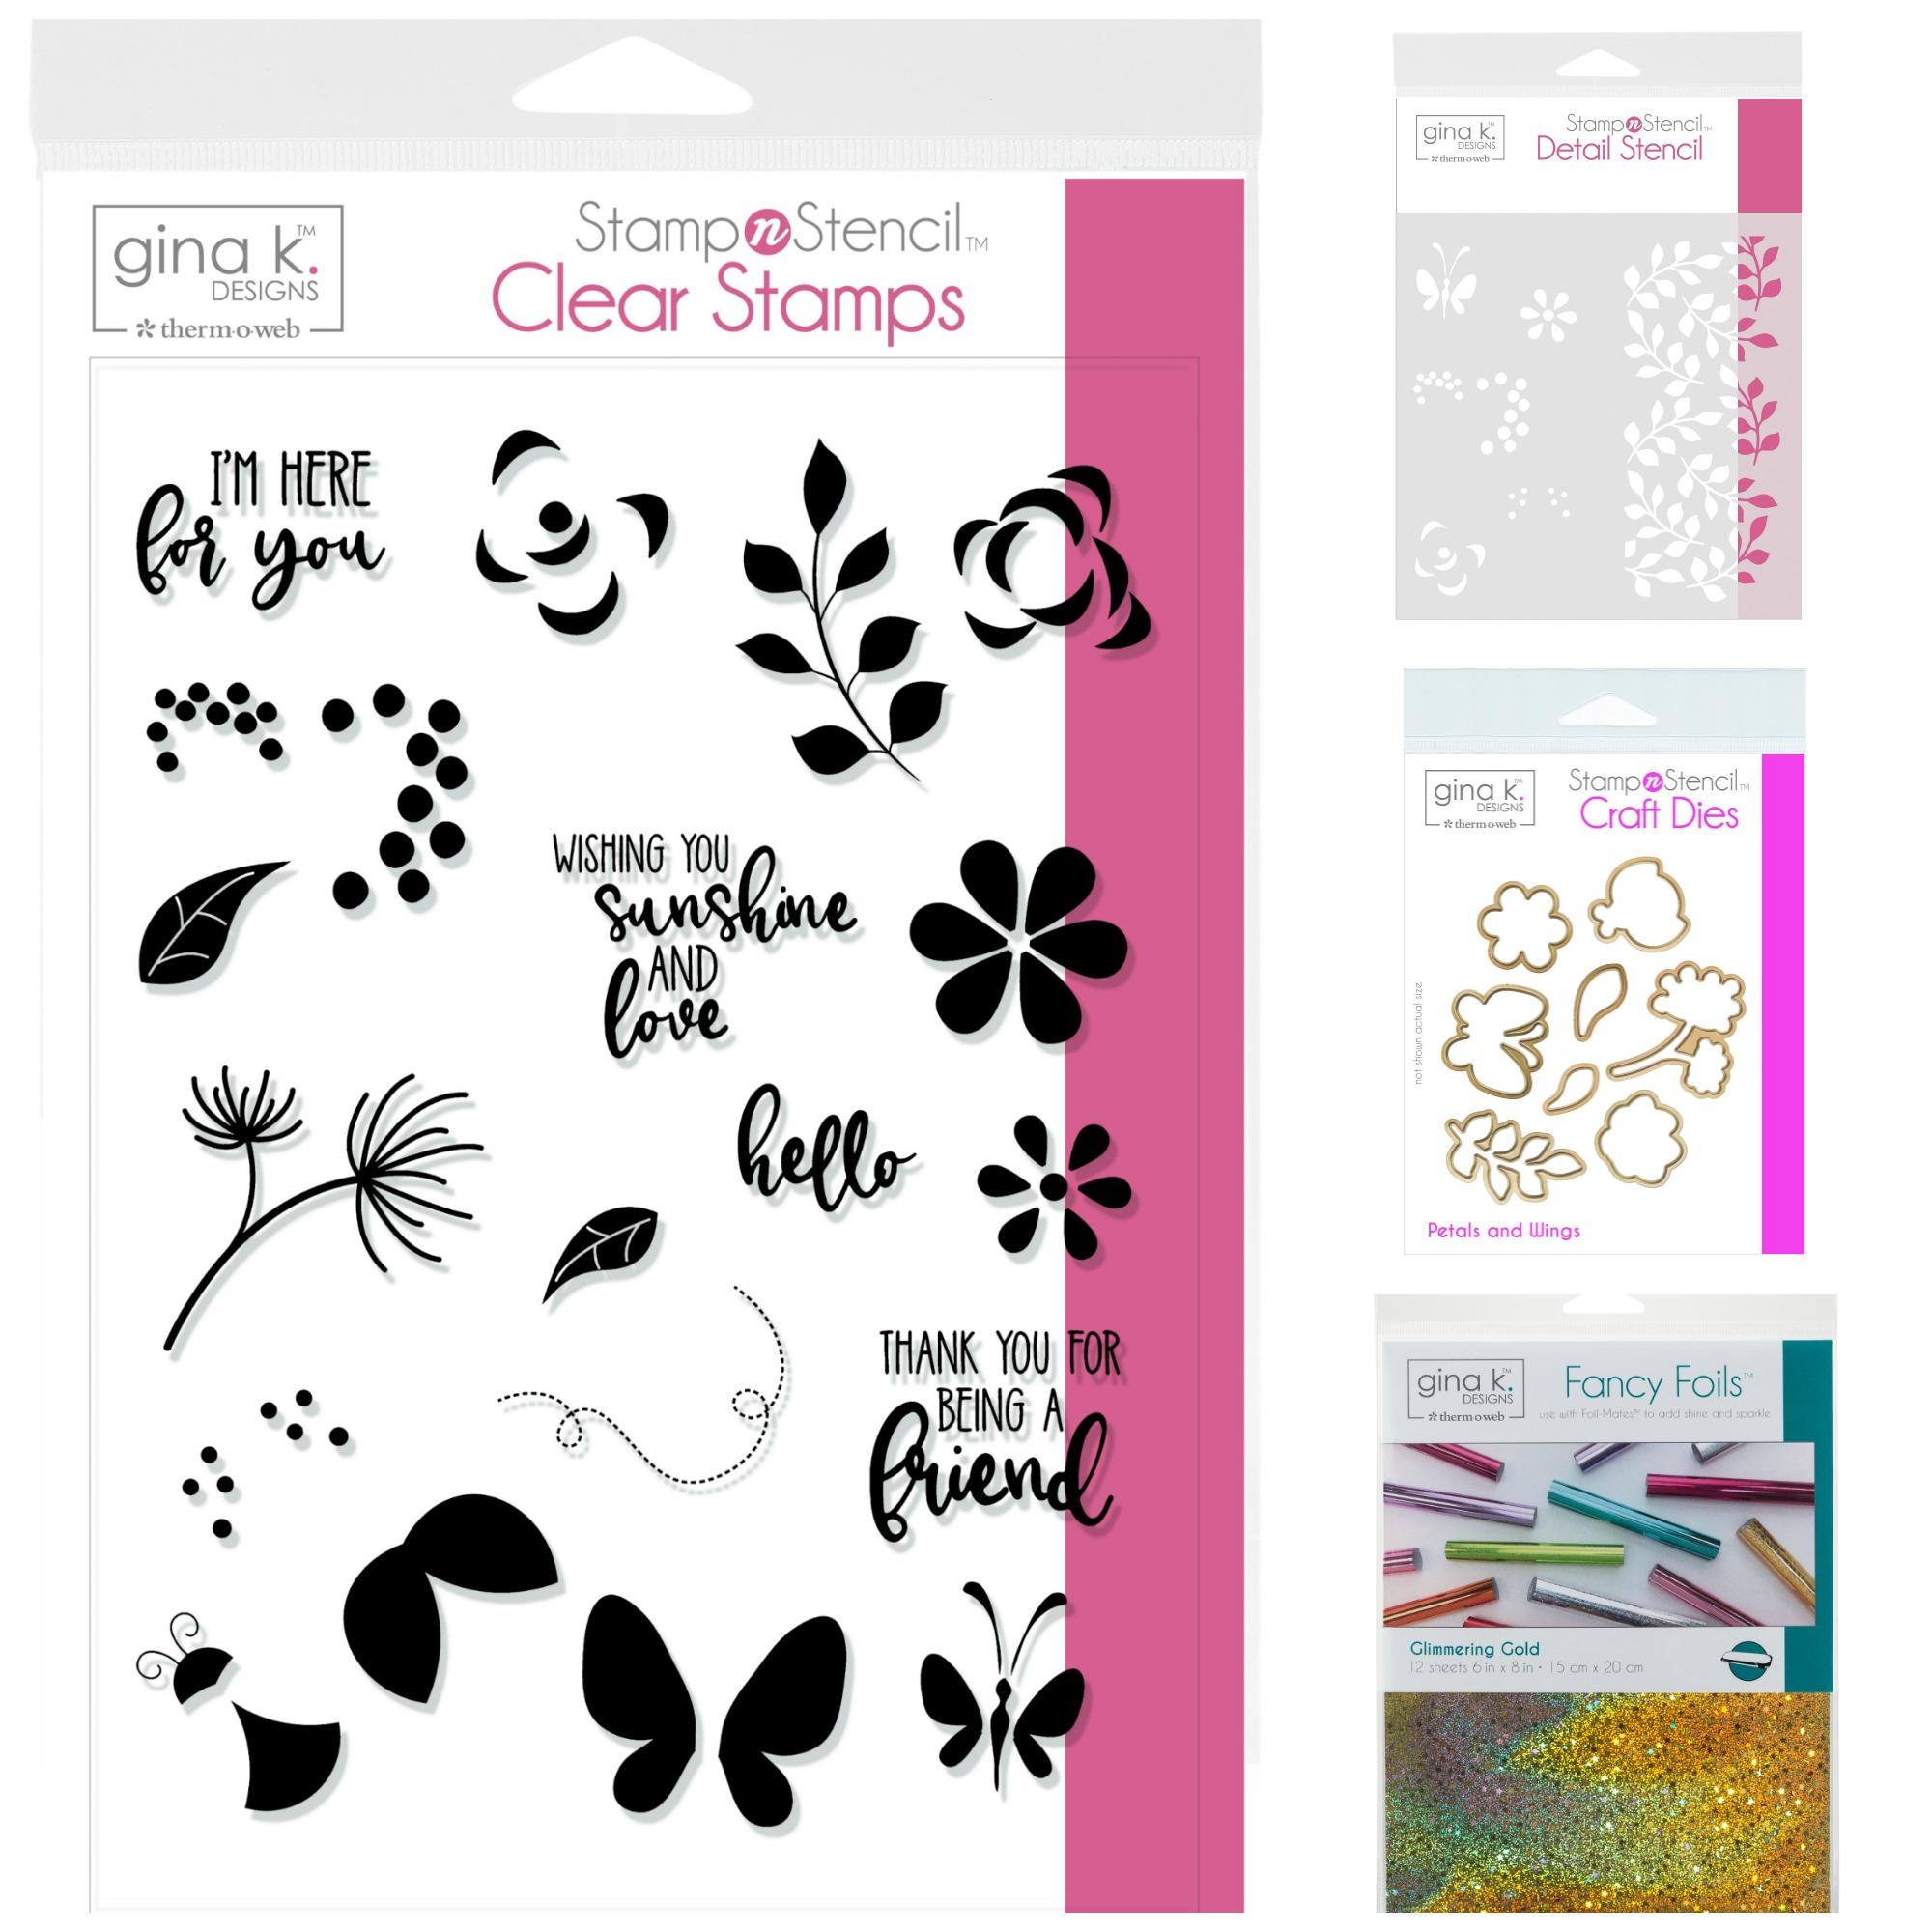 Gina K. Designs StampnStencil Crazy Petals & Wings